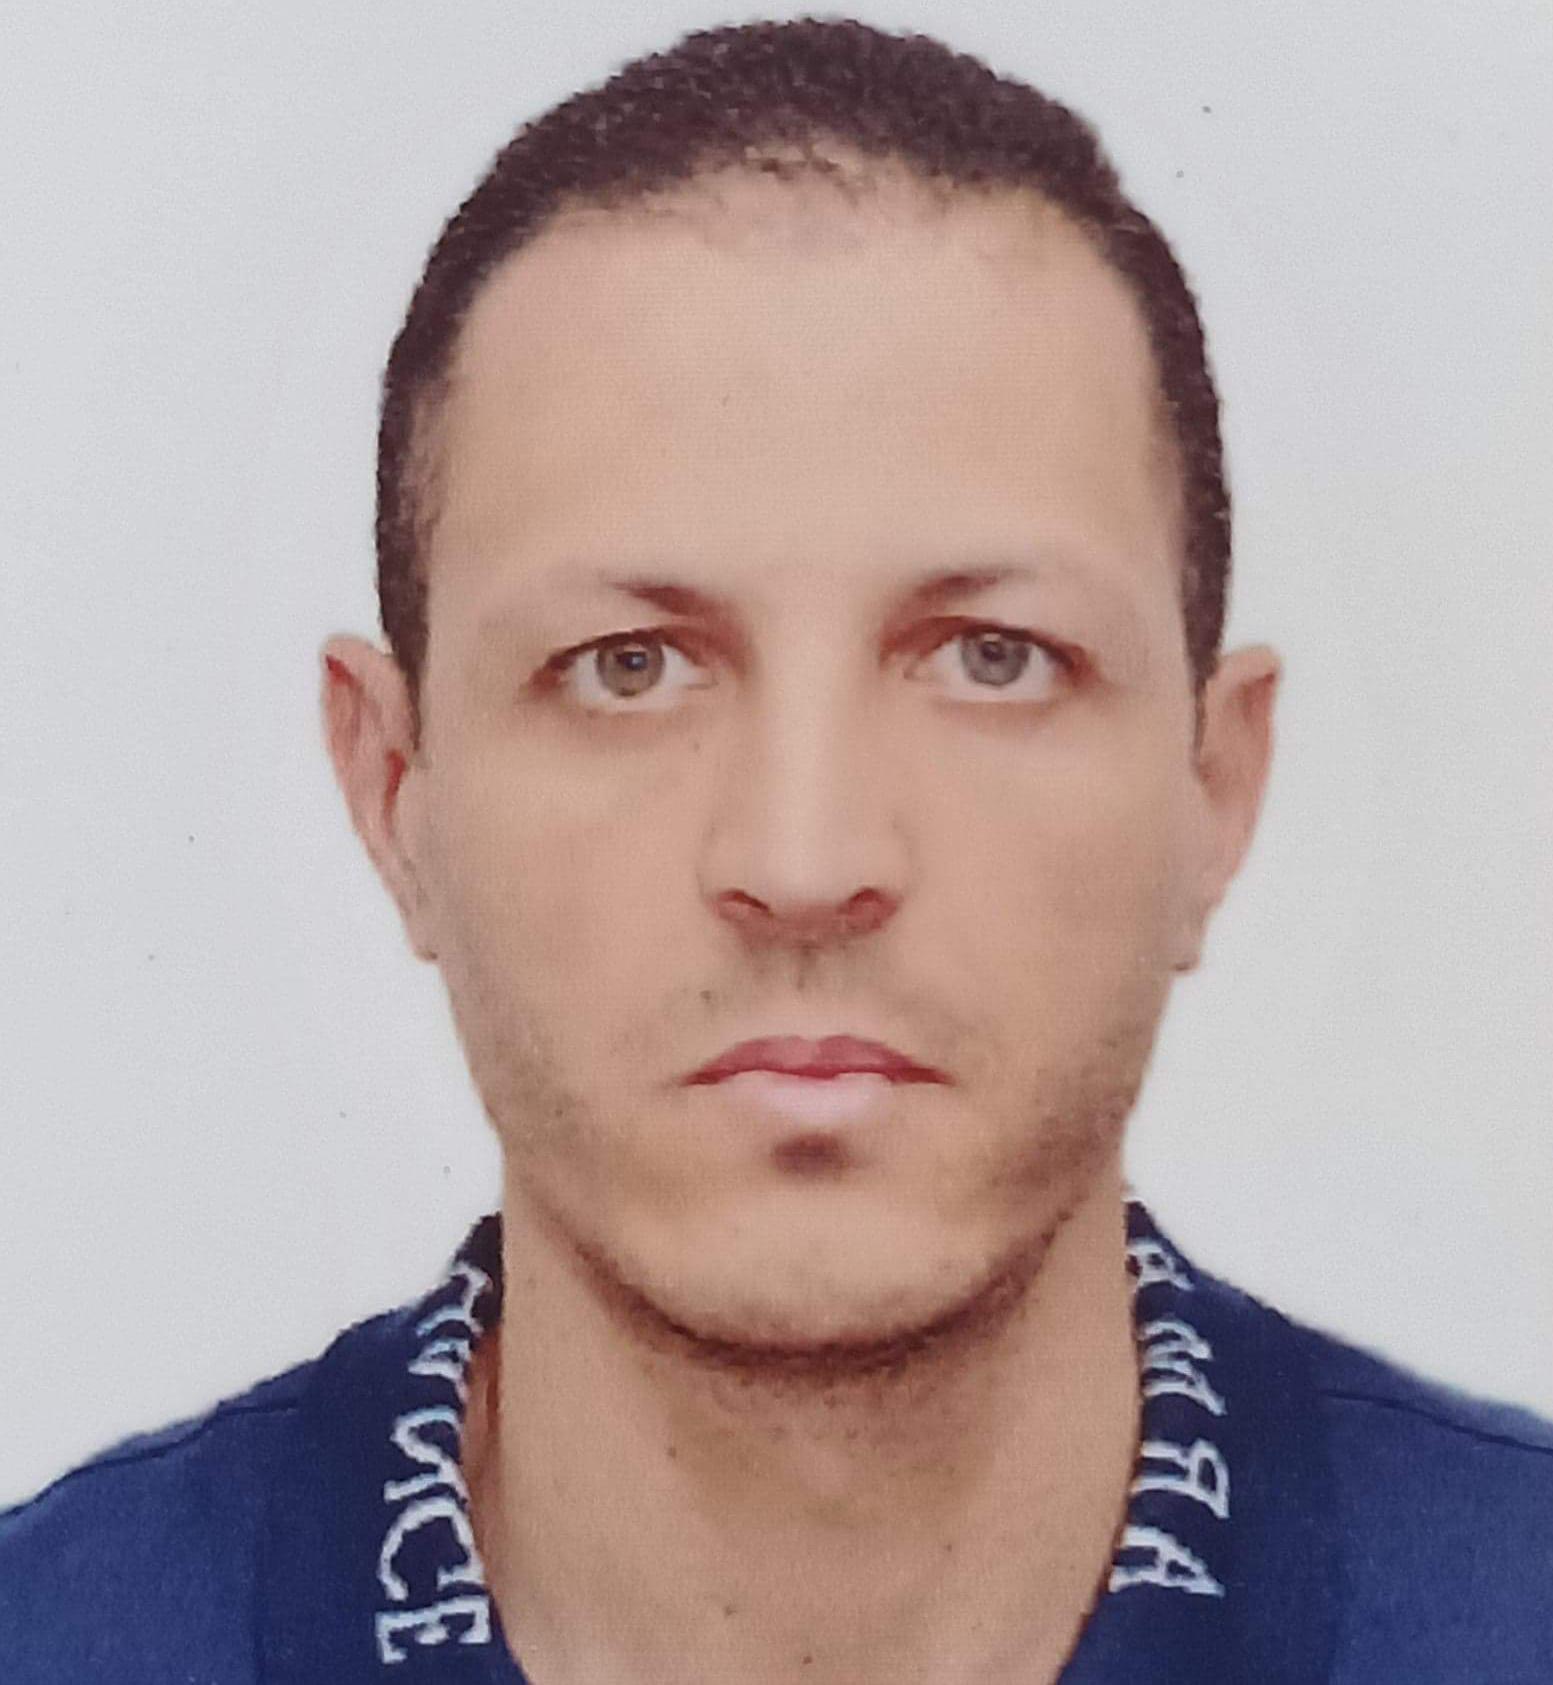 Abd el Fatah photo